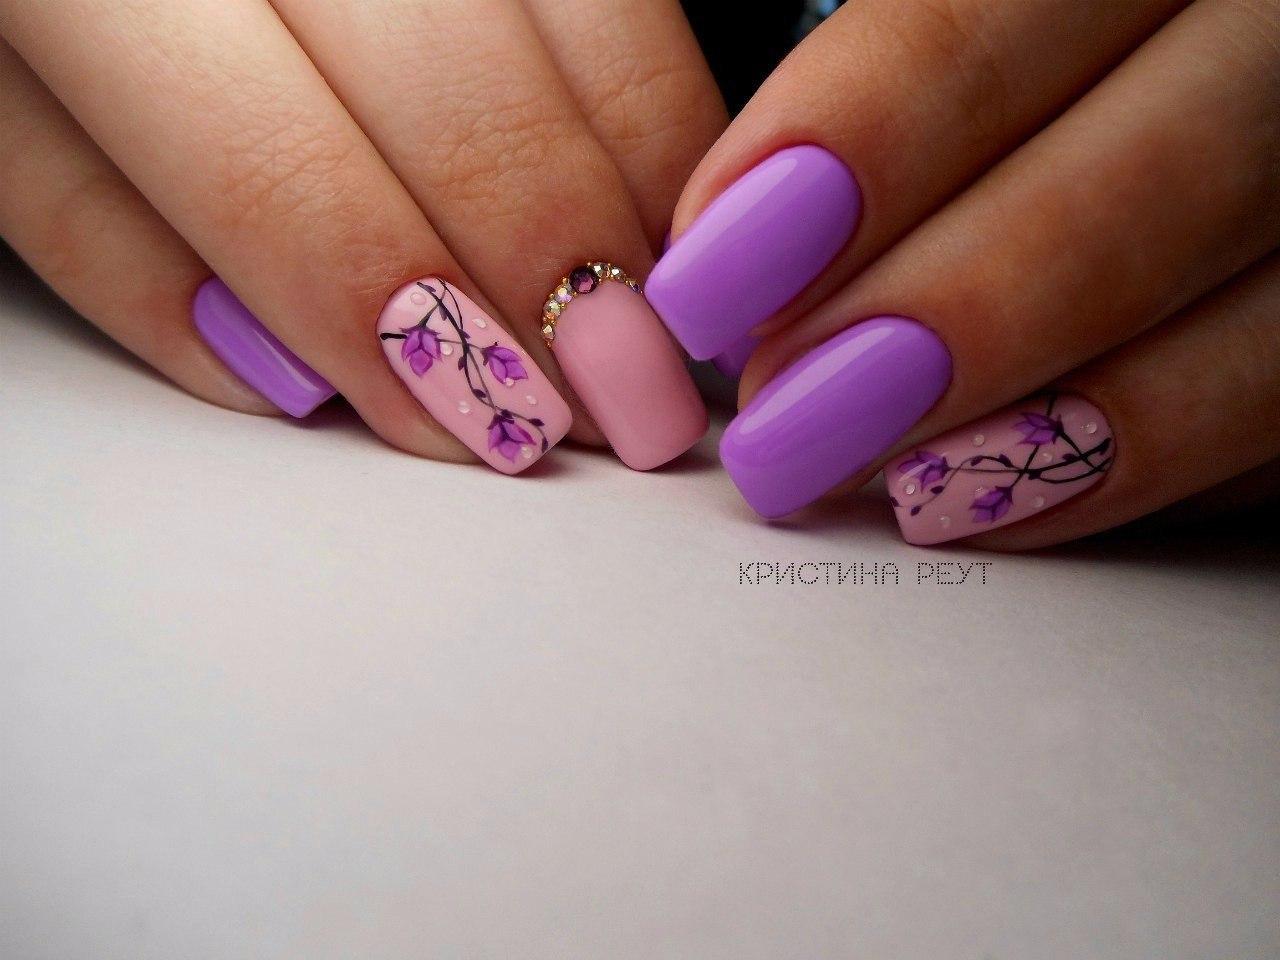 Funky nails - The Best Images | BestArtNails.com